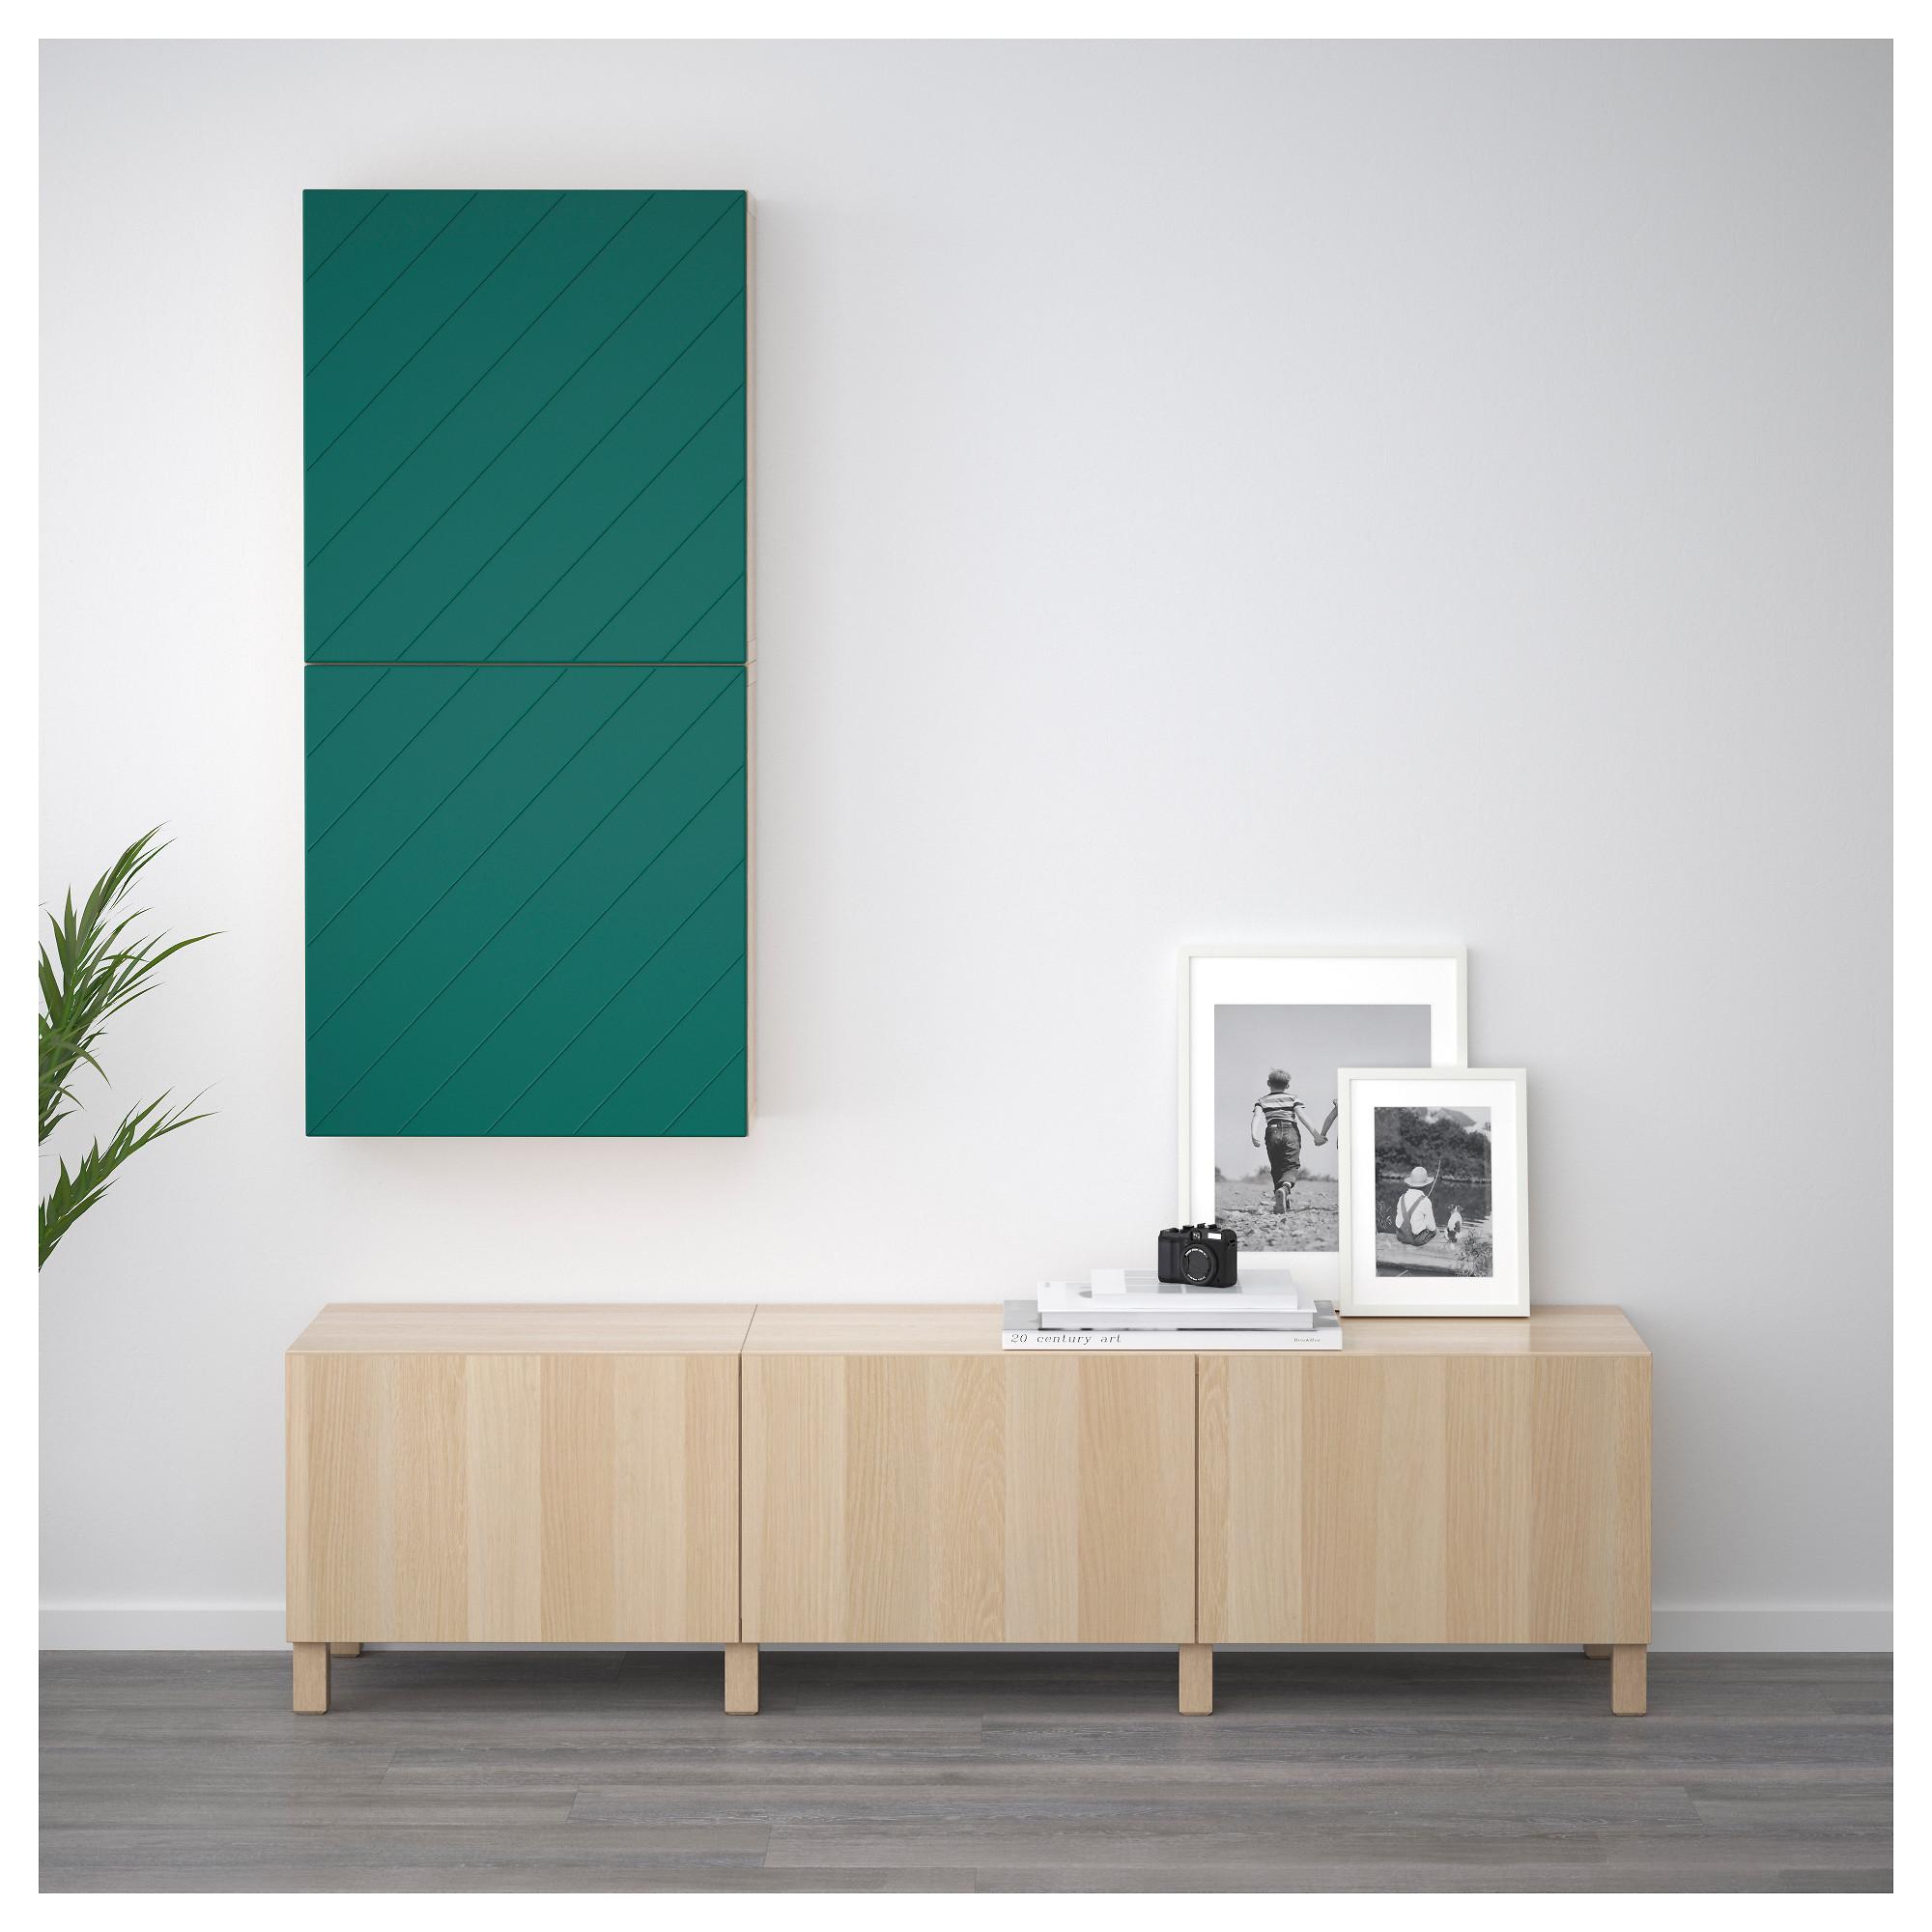 Навесной шкаф с 2 дверями БЕСТО сине-зеленый артикуль № 792.762.89 в наличии. Онлайн каталог ИКЕА РБ. Быстрая доставка и соборка.